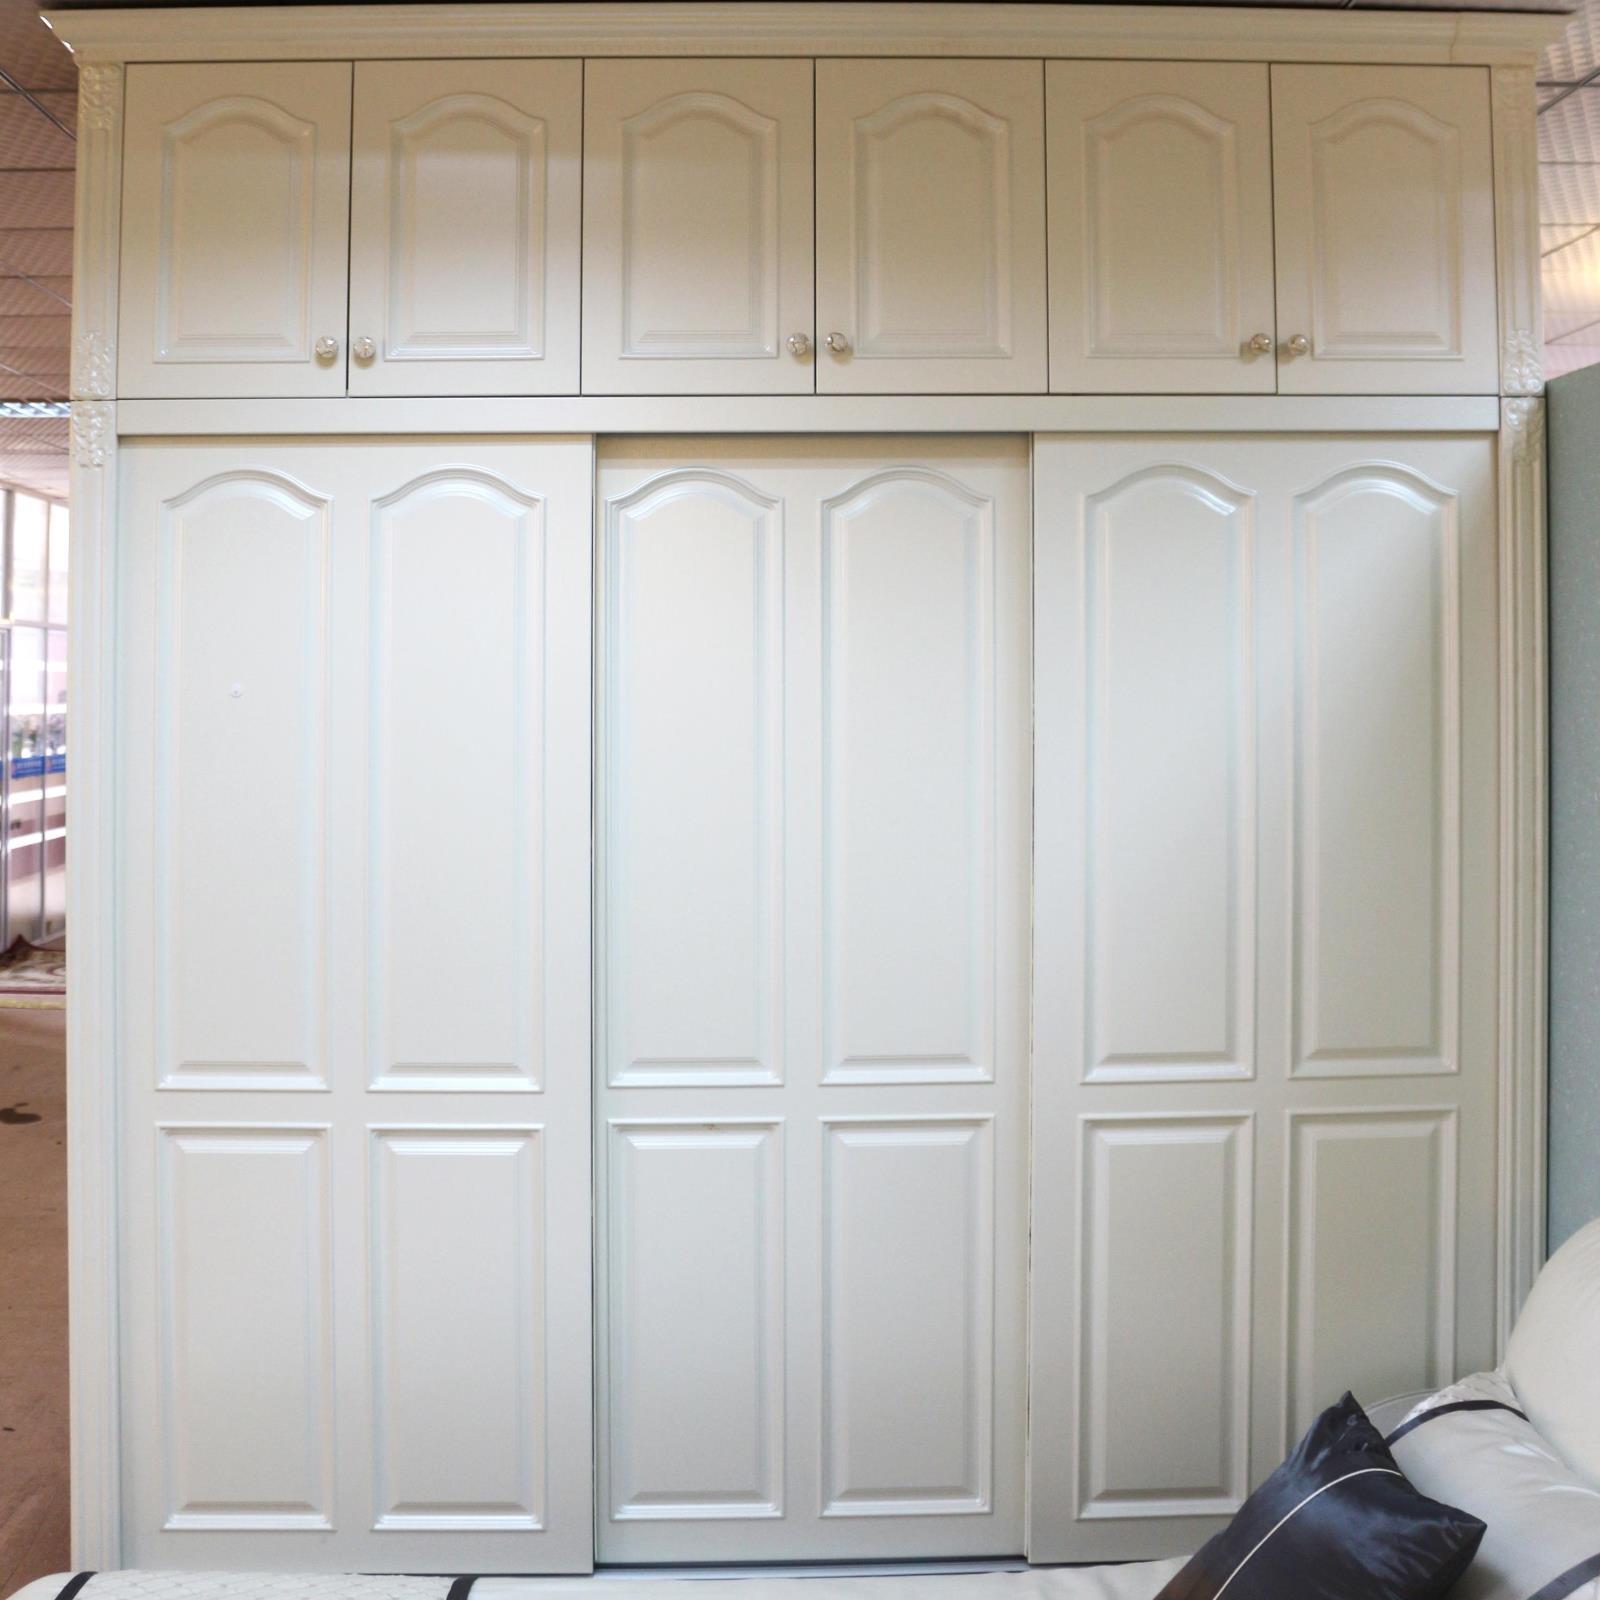 长沙华悦整体衣柜滑门定制 颗粒板式欧式衣柜推拉门移门衣柜定做